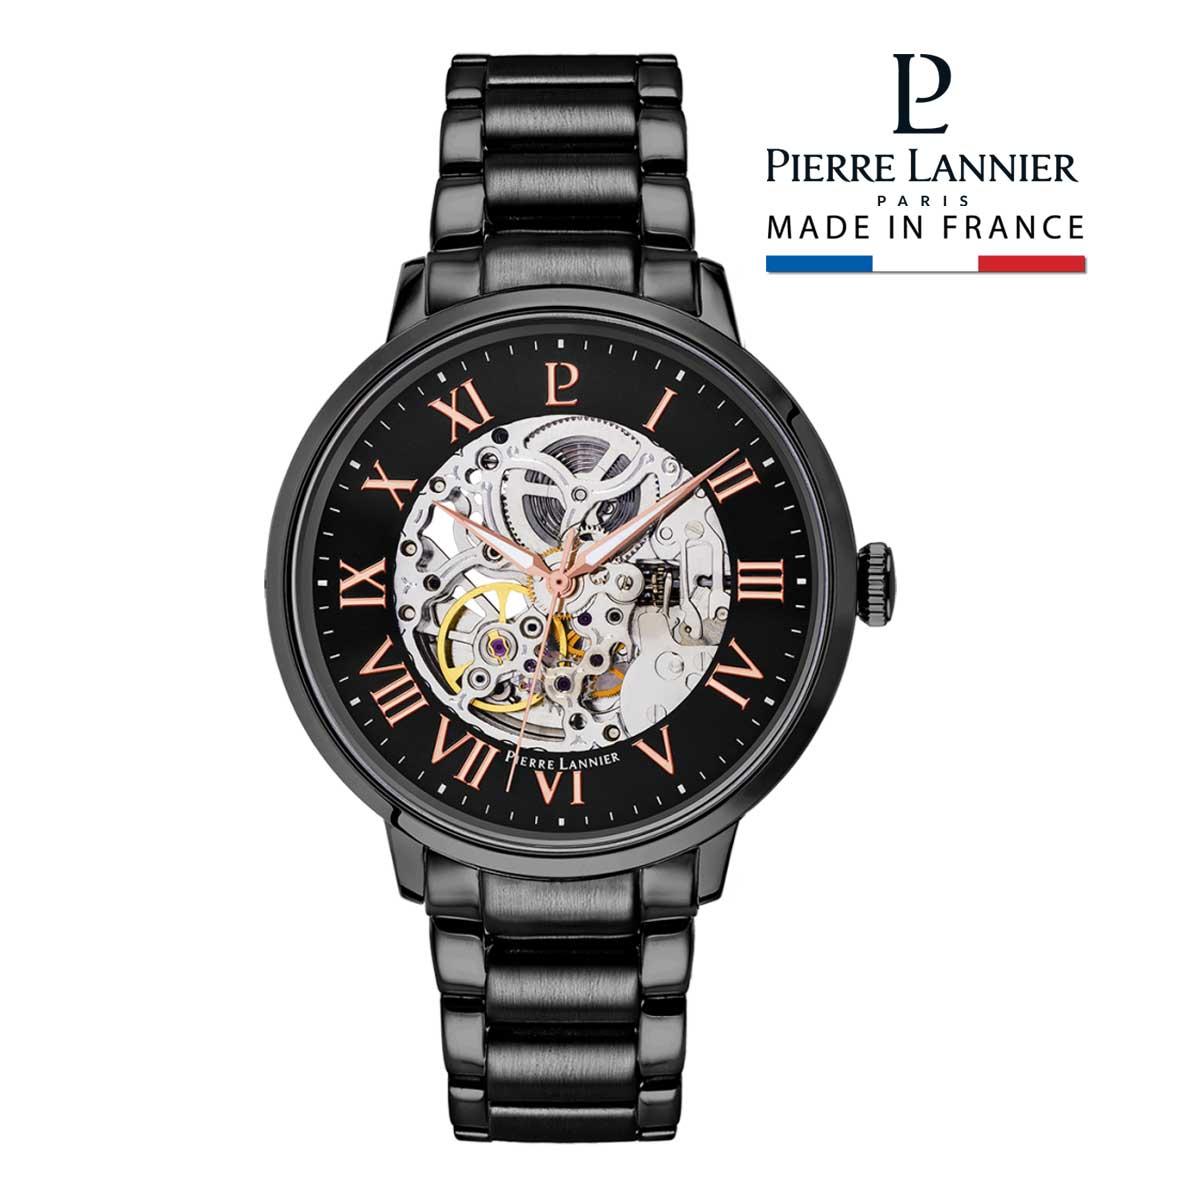 腕時計 メンズ 自動巻 ブランド ピエールラニエ オートマティック メタルベルト 牛革 スケルトン ブラック